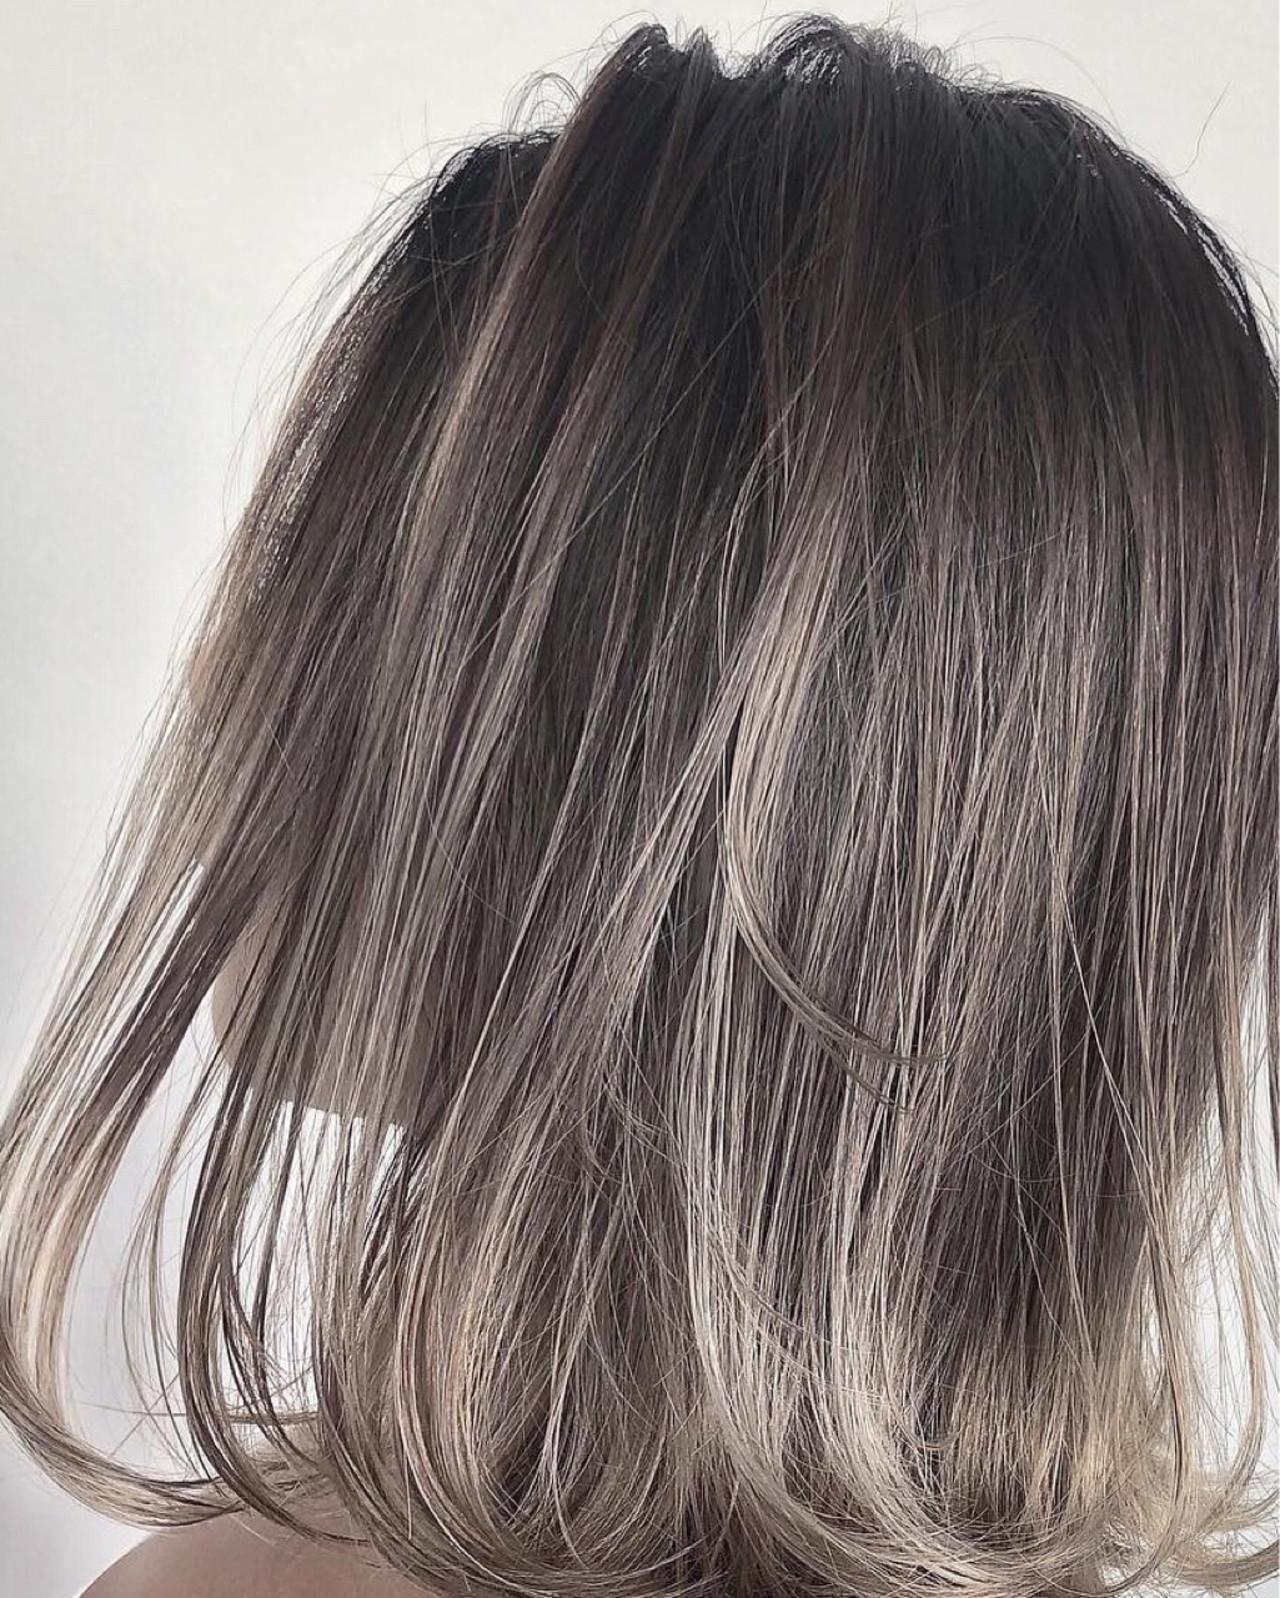 ボブ ハイライト ヘアアレンジ グレージュ ヘアスタイルや髪型の写真・画像 | 鈴木一貴 / heel